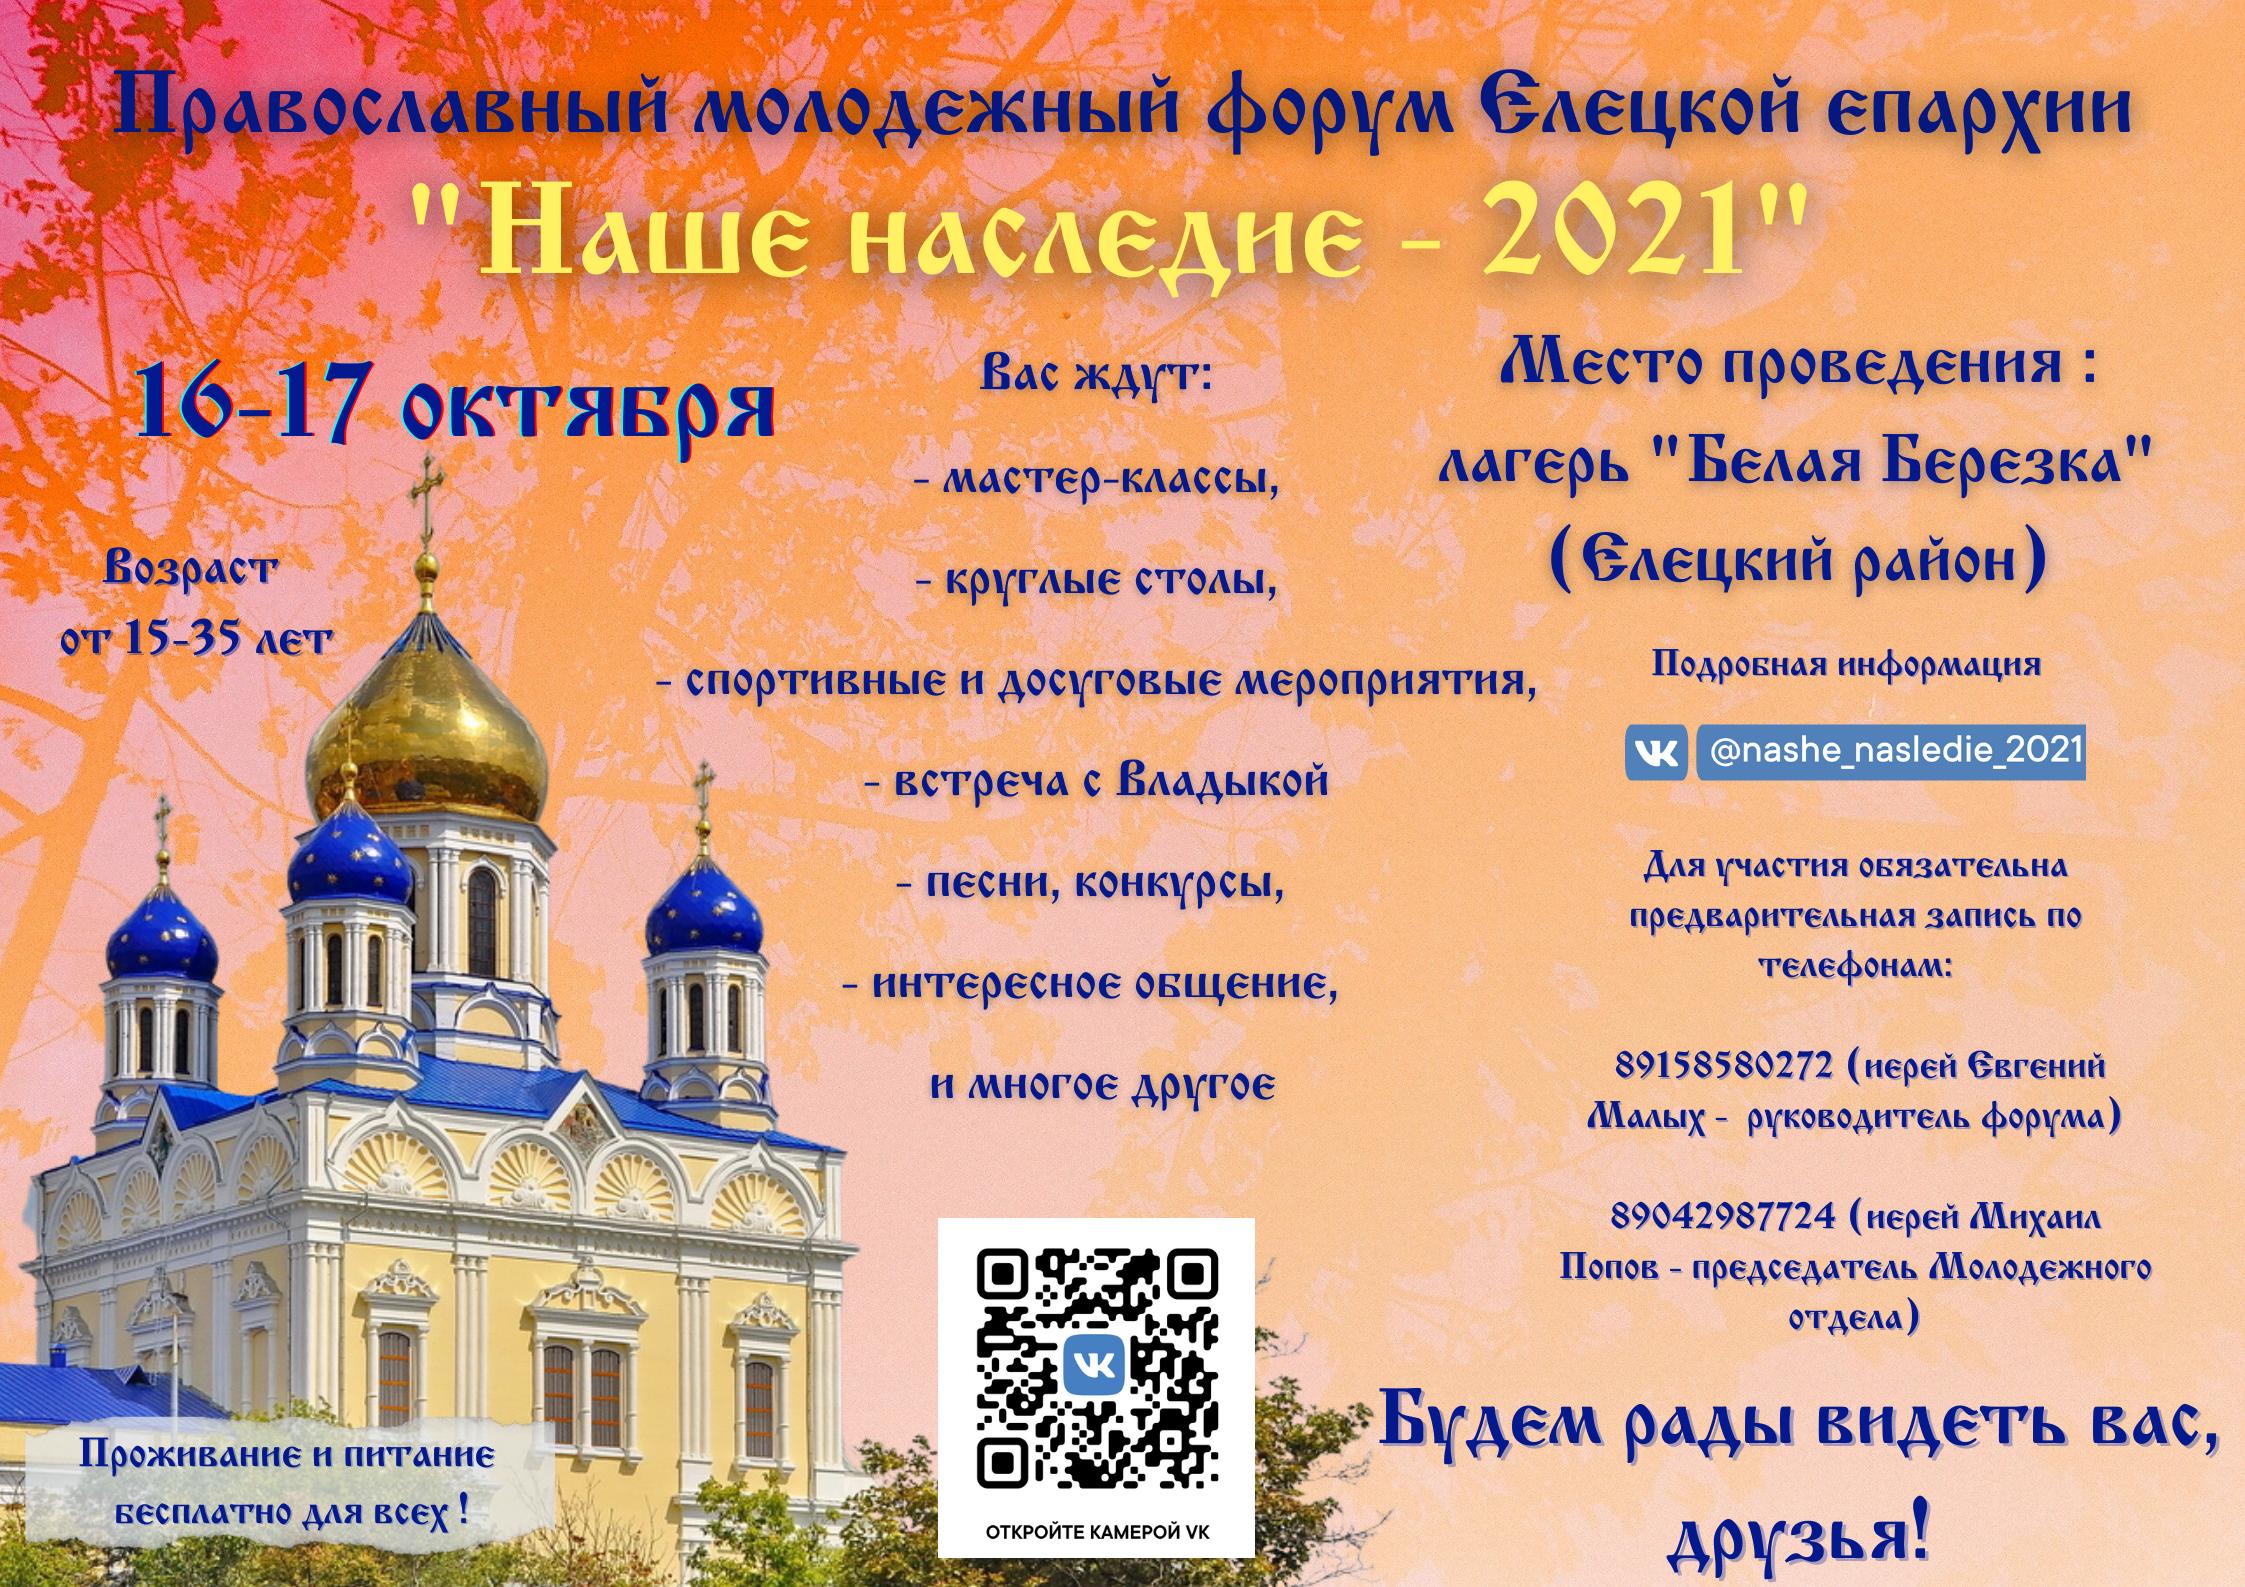 Начался приём заявок на участие в Православном молодёжном форуме! Возраст участников - 15-35 лет. Проживание и питание абсолютно бесплатно.